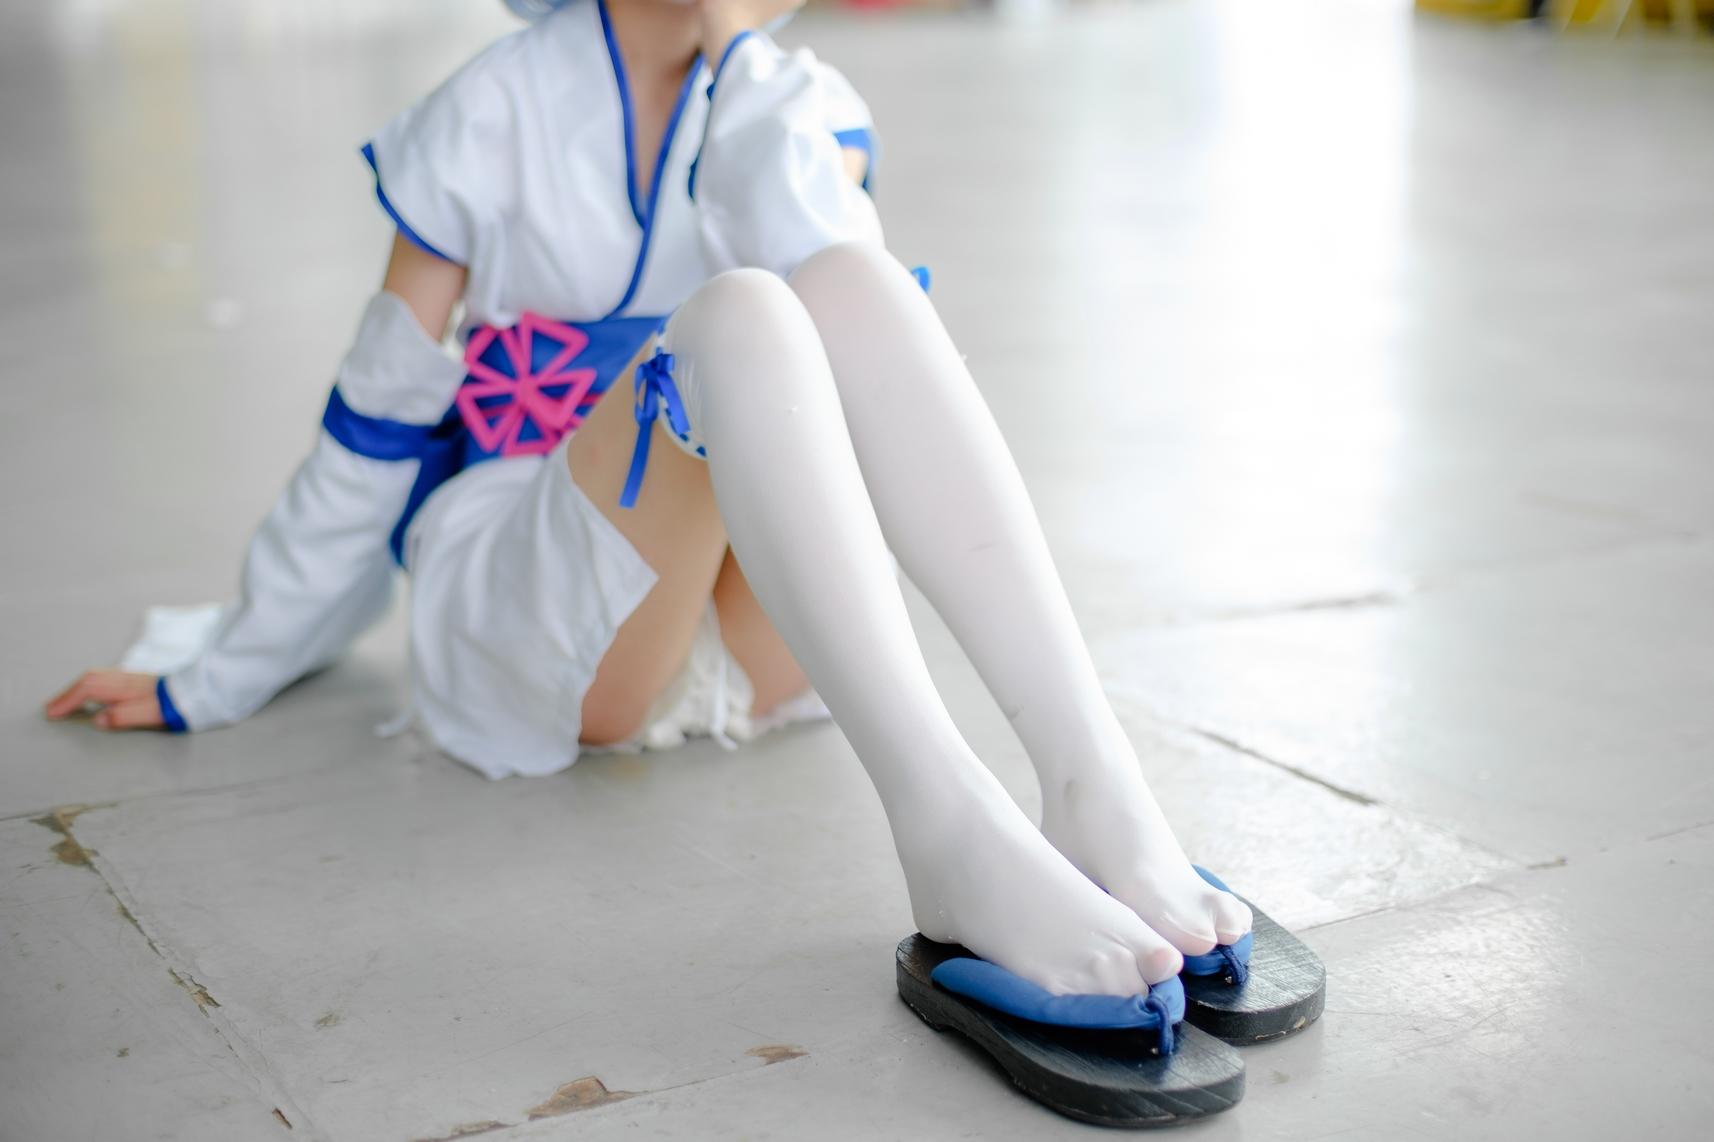 森萝财团白丝福利:幼年拉姆蕾姆腿图场照(15P)